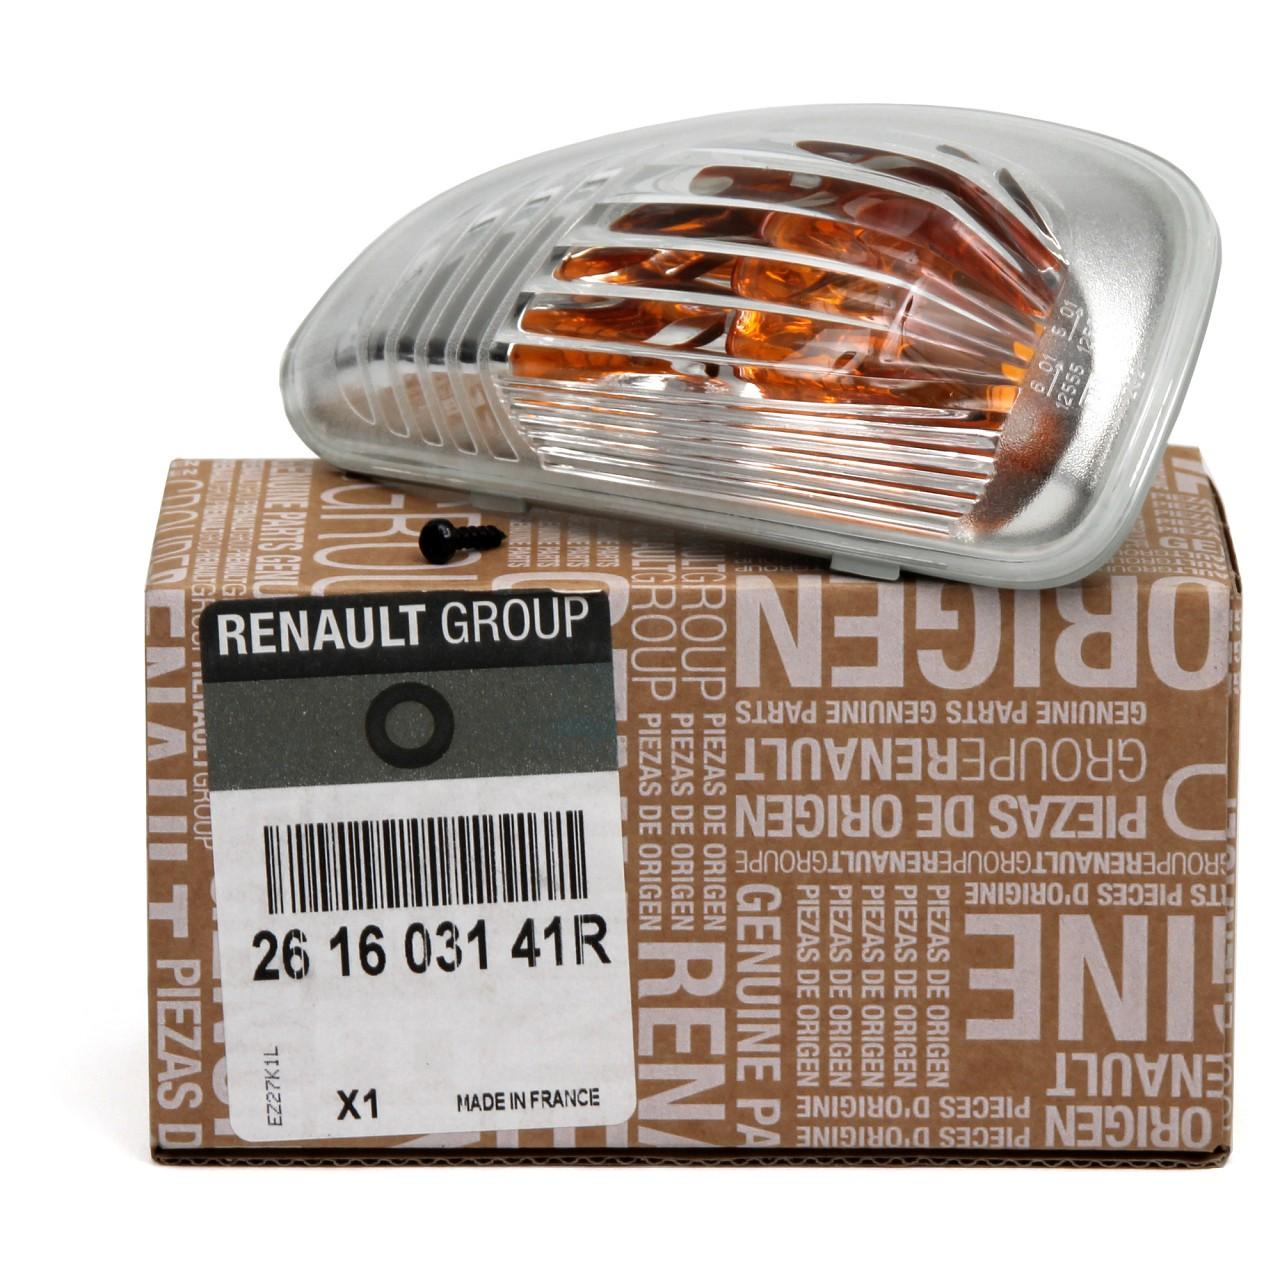 ORIGINAL Renault Blinkleuchte Außenspiegel RECHTS 261603141R für MASTER III